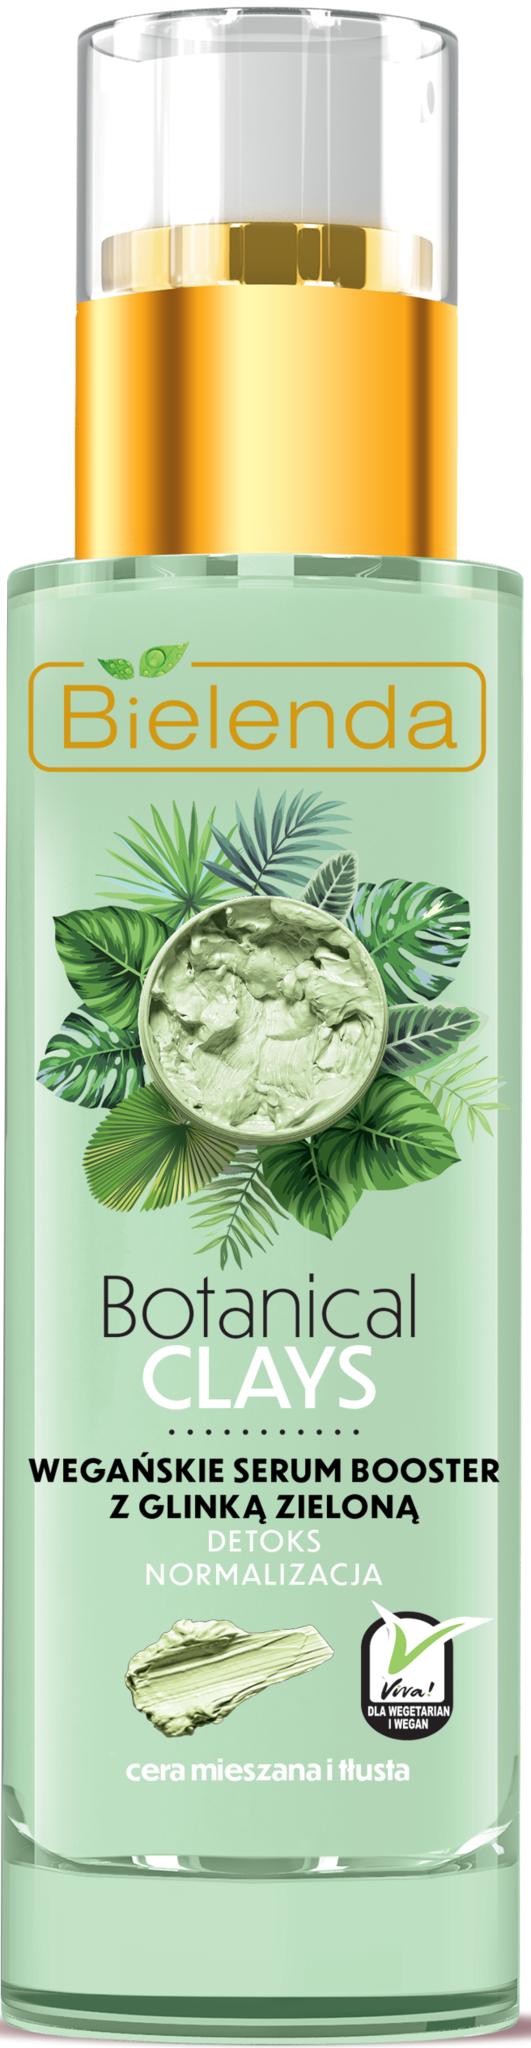 BOTANICAL CLAYS веганская сыворотка для лица с зелёной глиной 30 мл